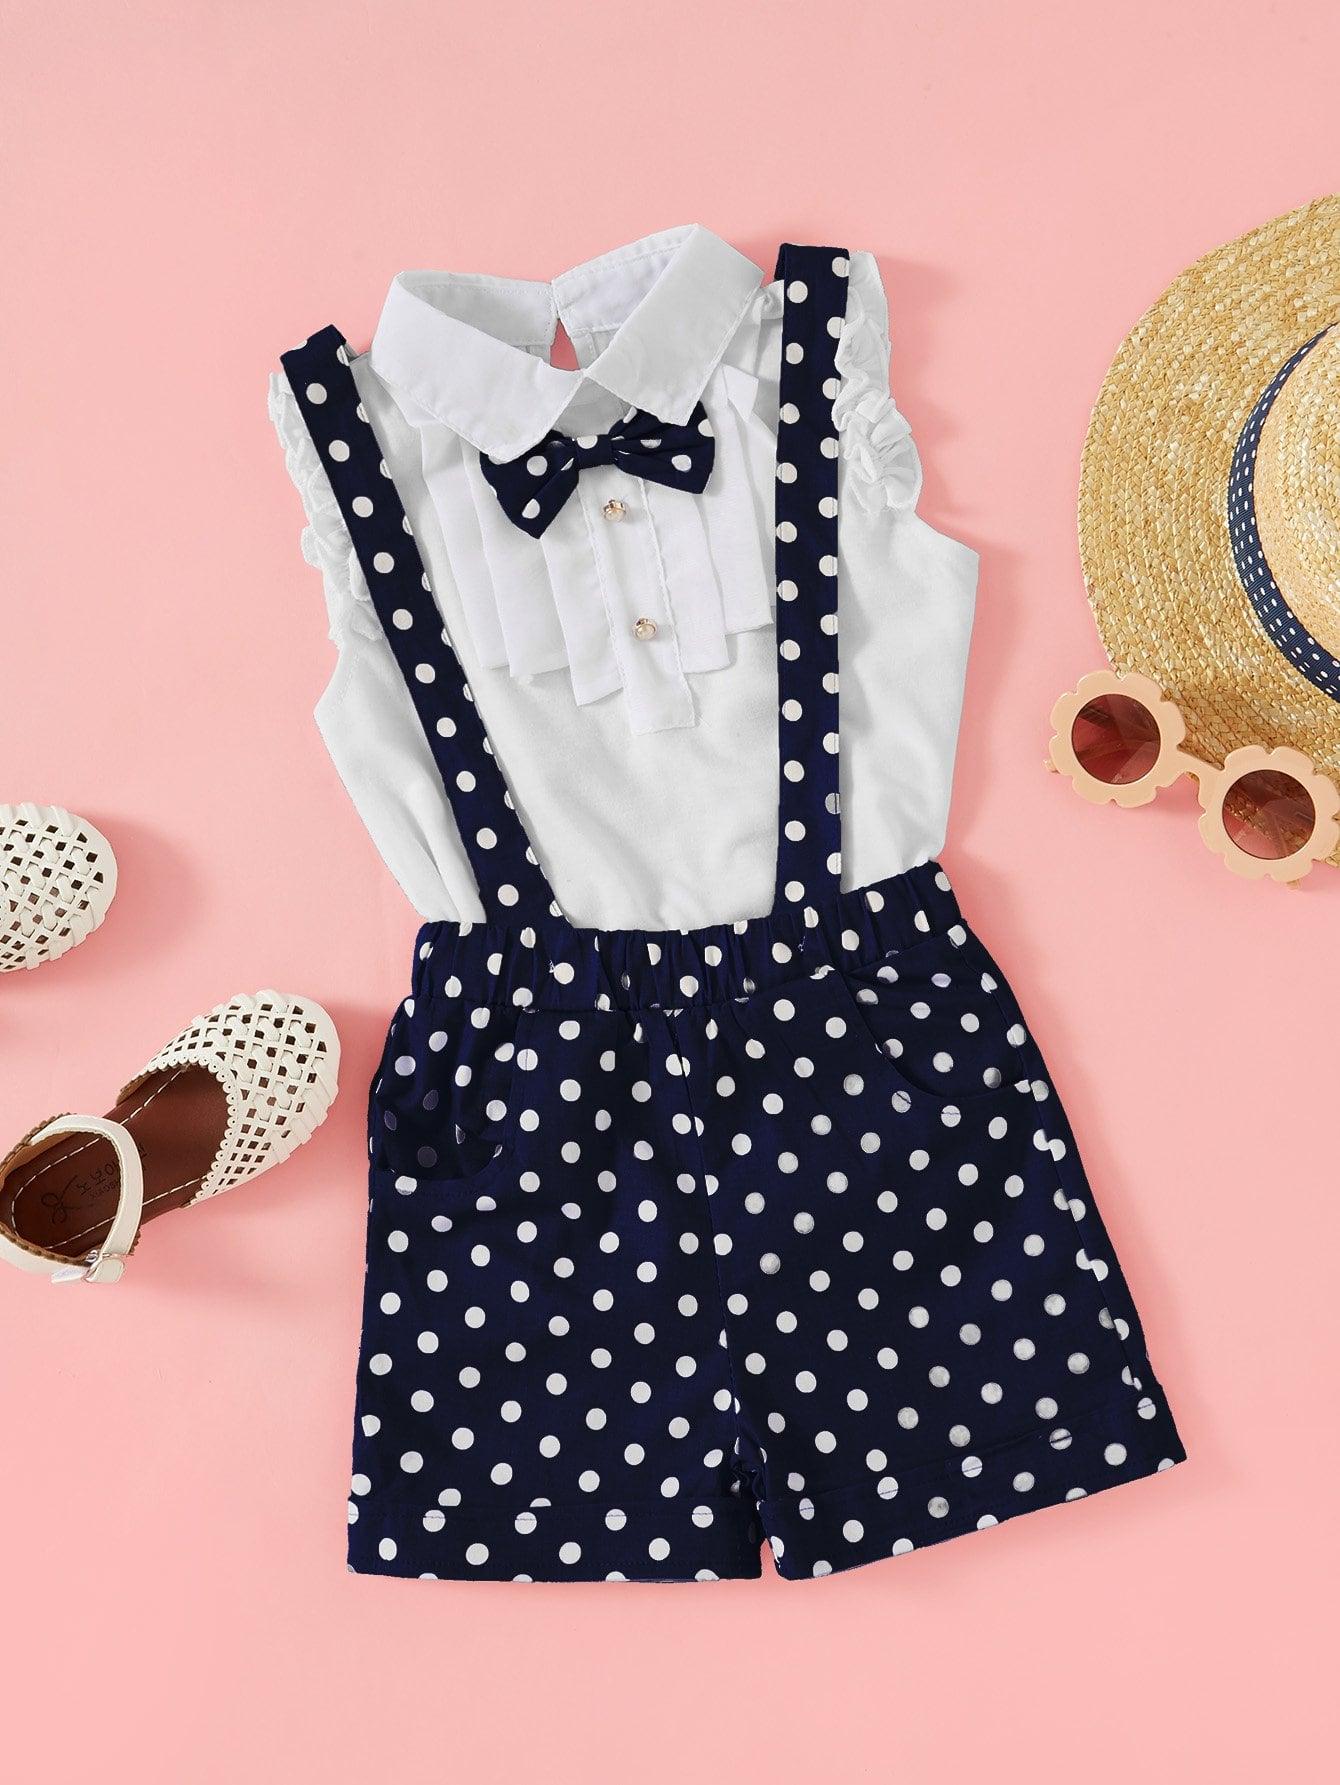 Небольшие точки Контрастные кружева Синий Комплекты одежды для девочек из 2 вещей от SheIn